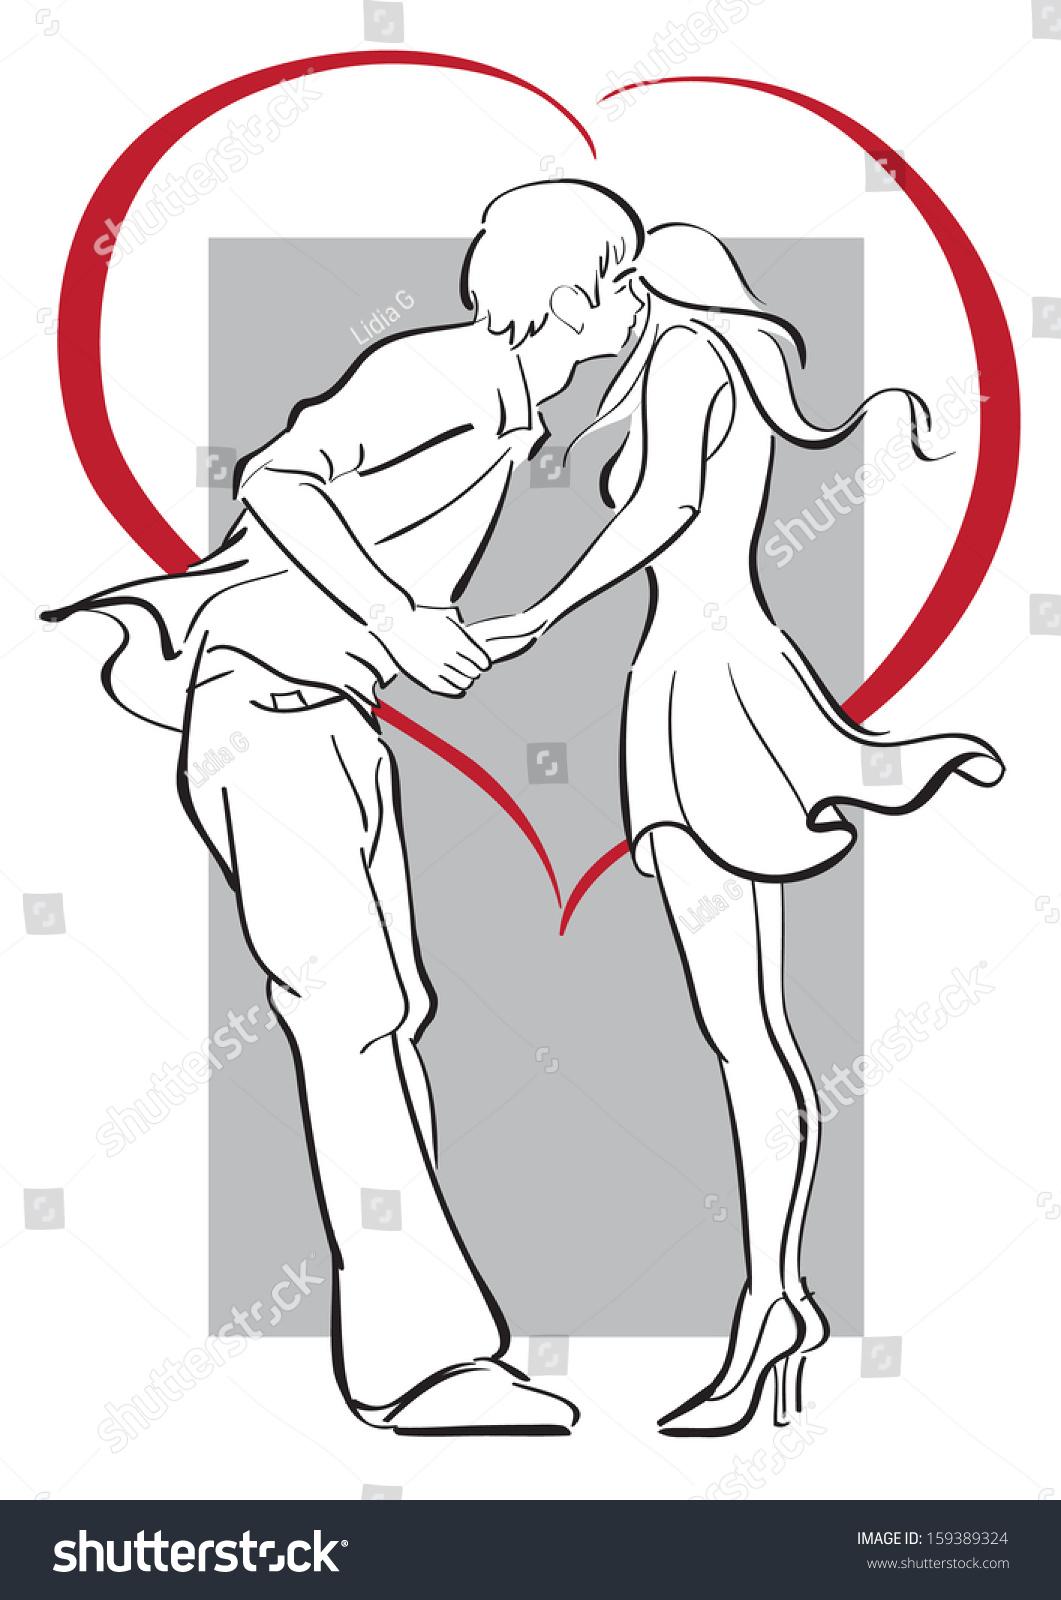 Line Art Editor : Kissing couple silhouette heart line modern stock vector